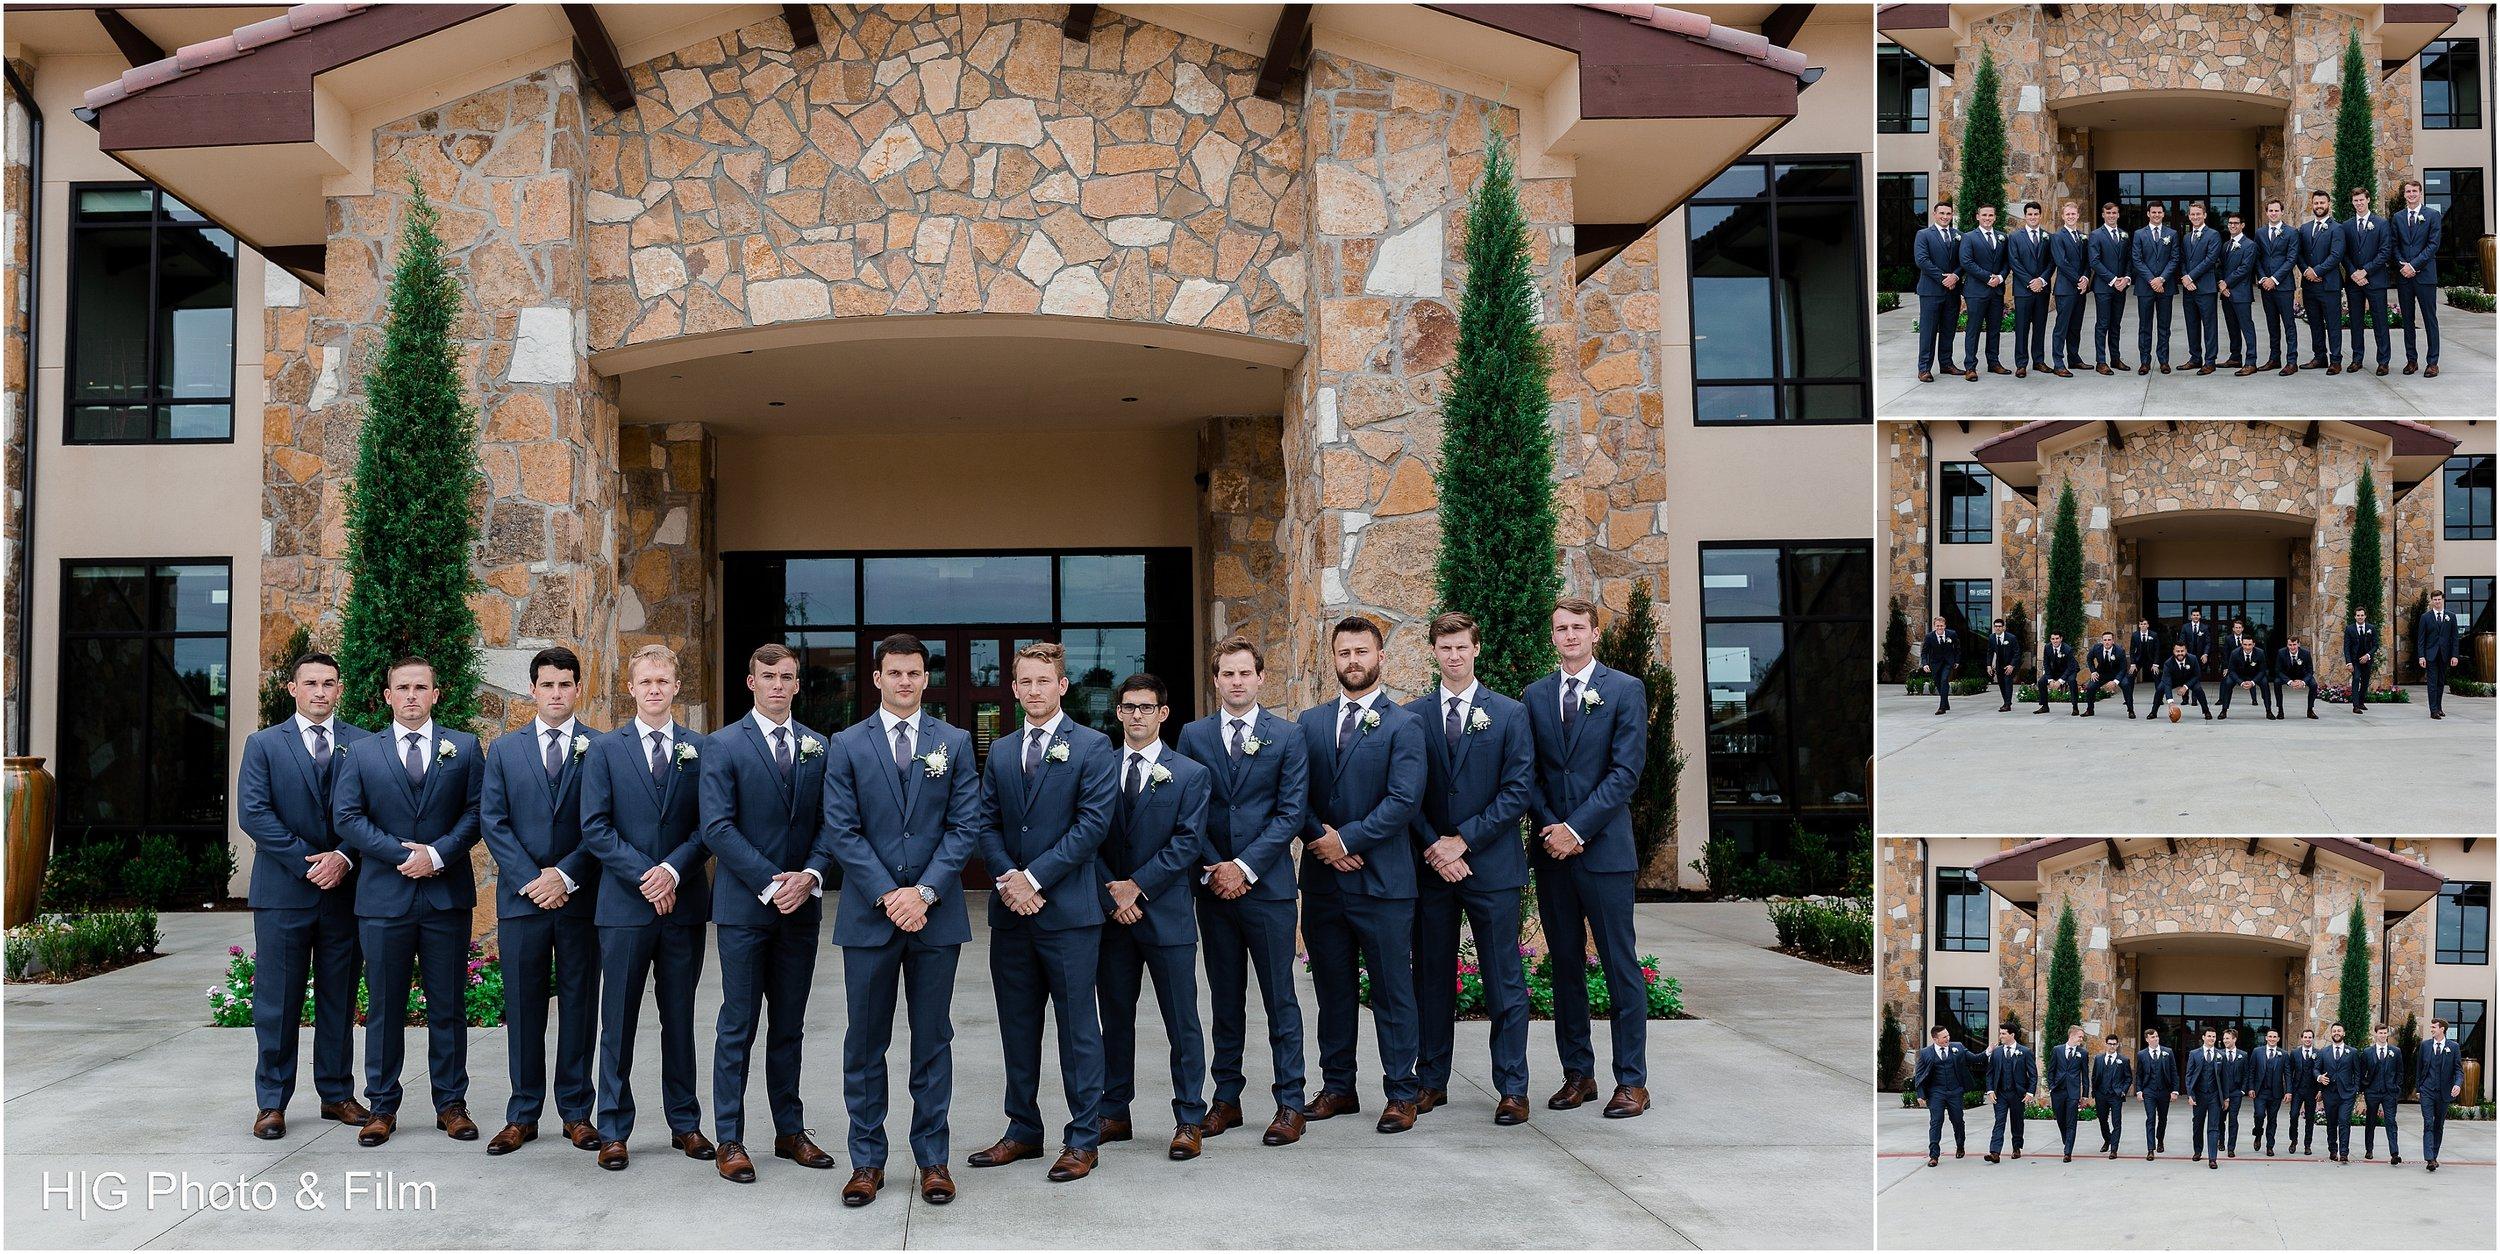 Guys looking sharp